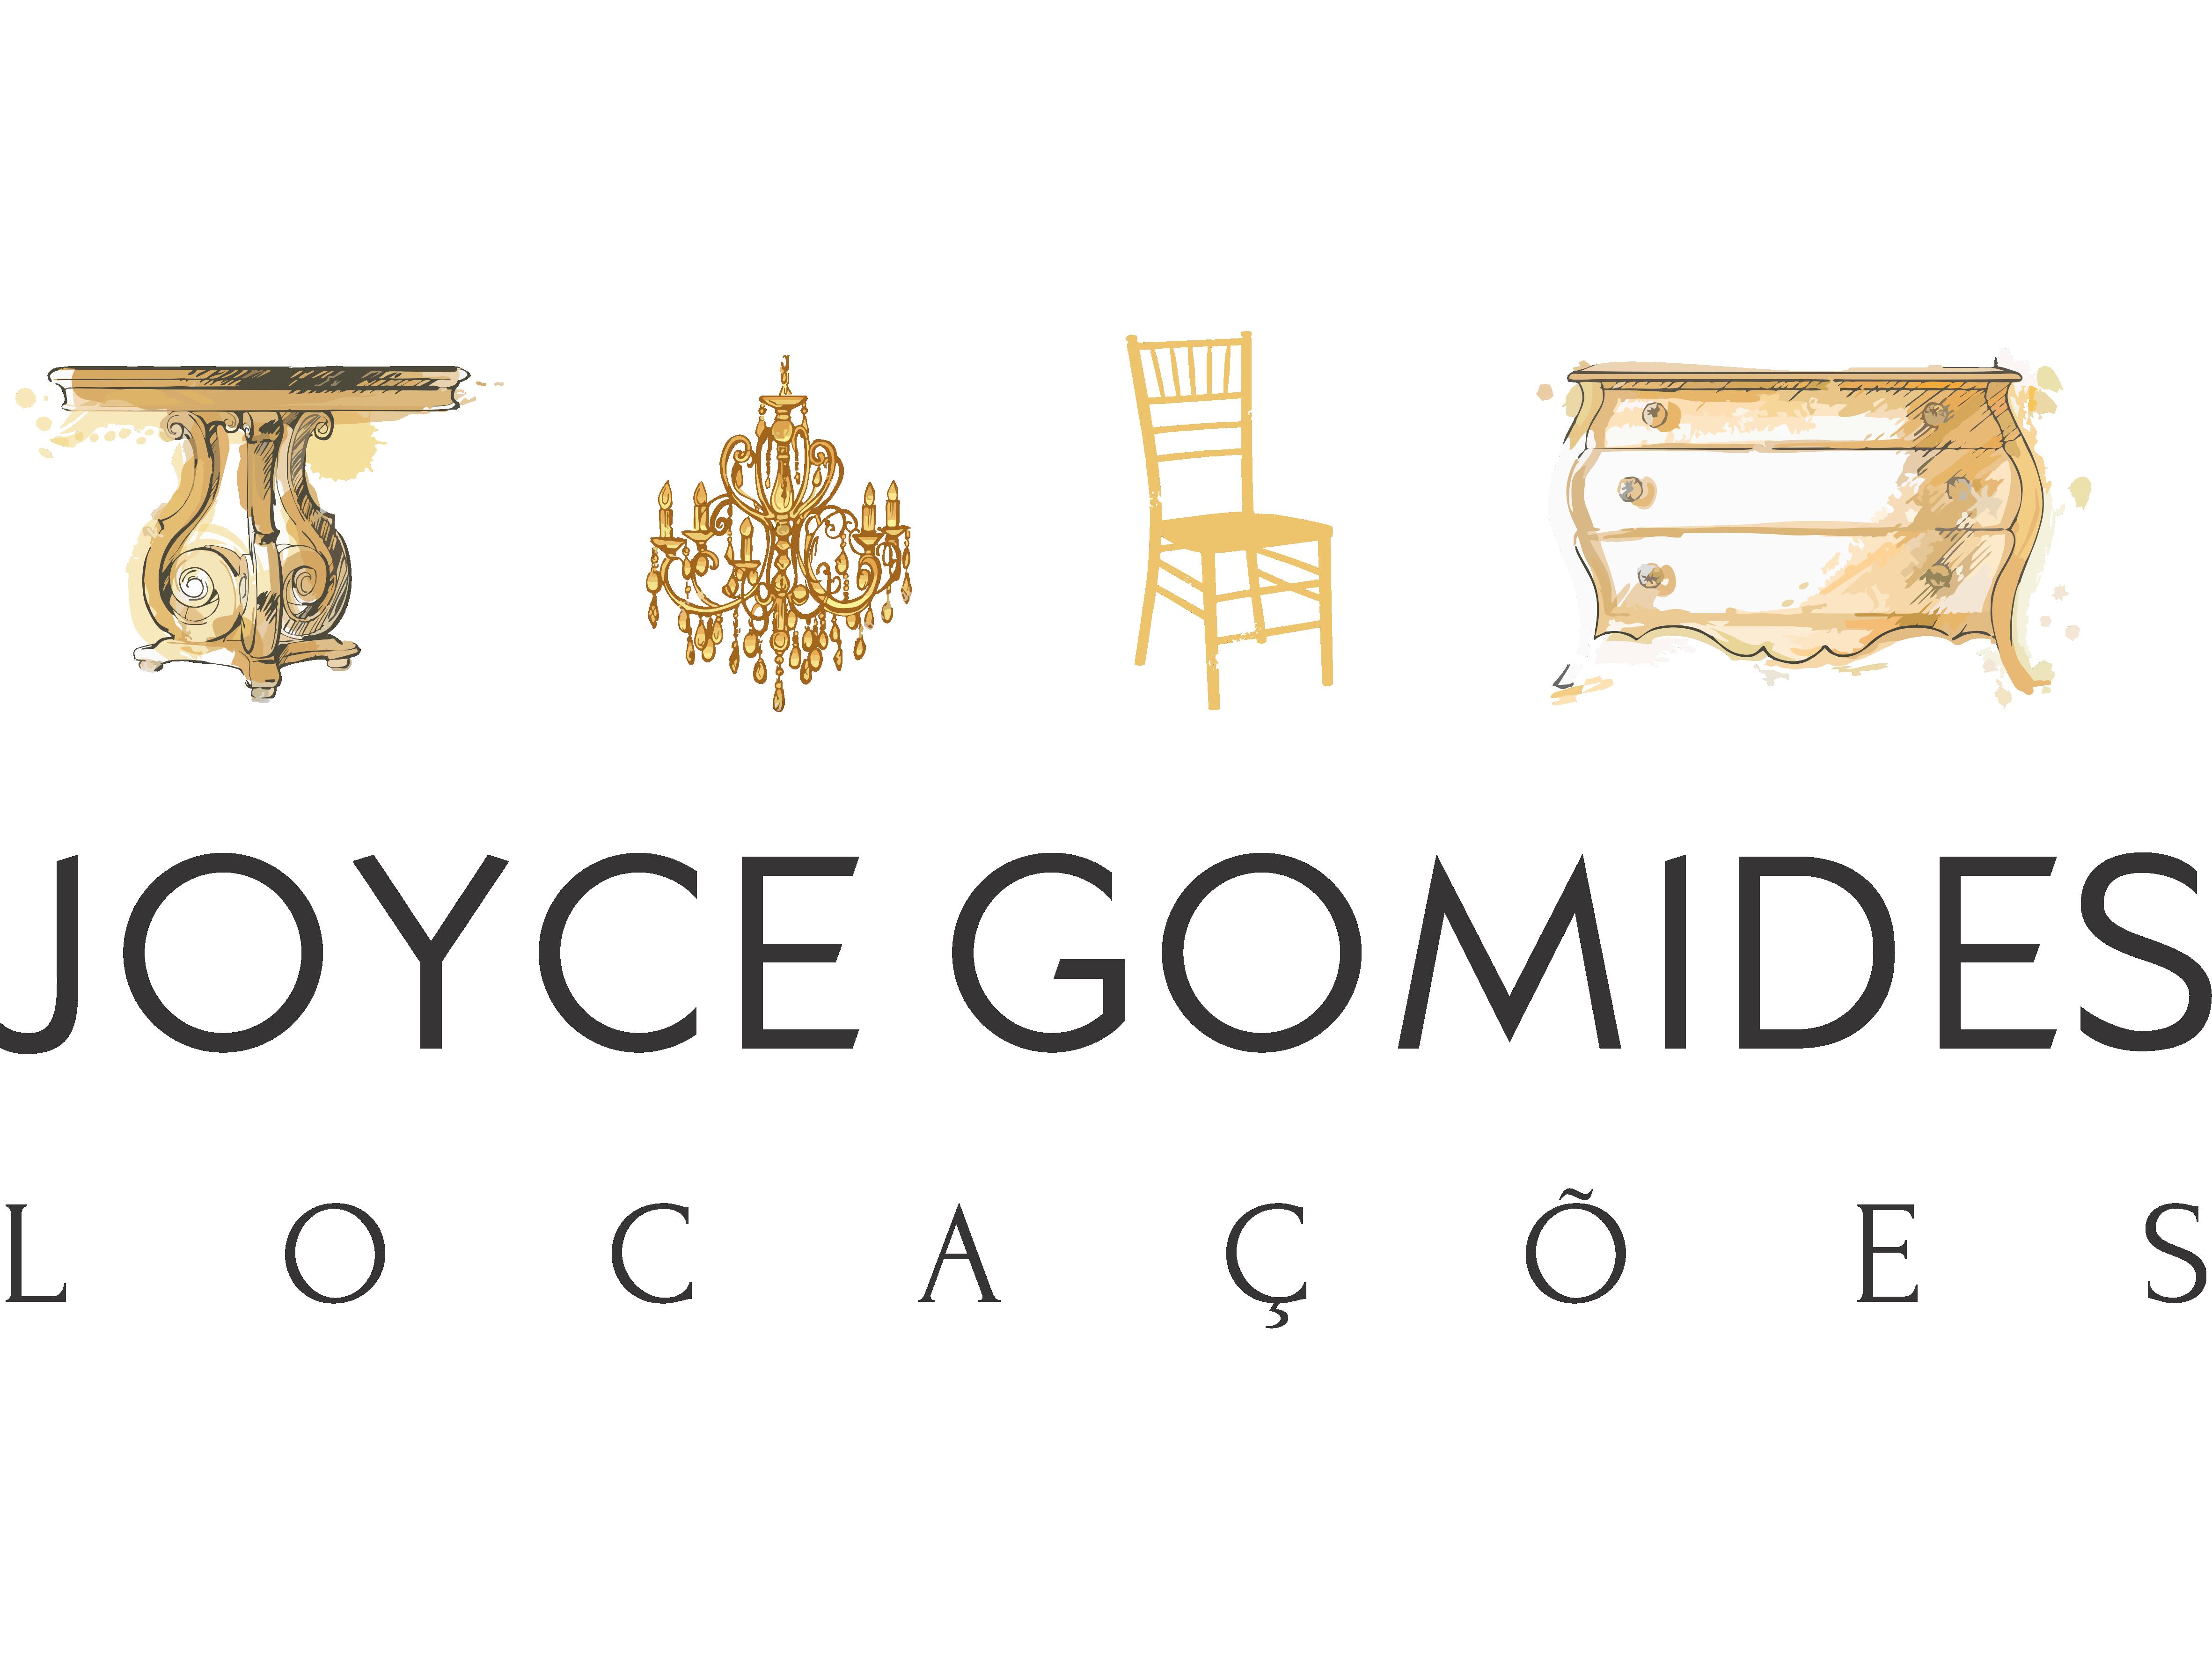 Joyce Gomides